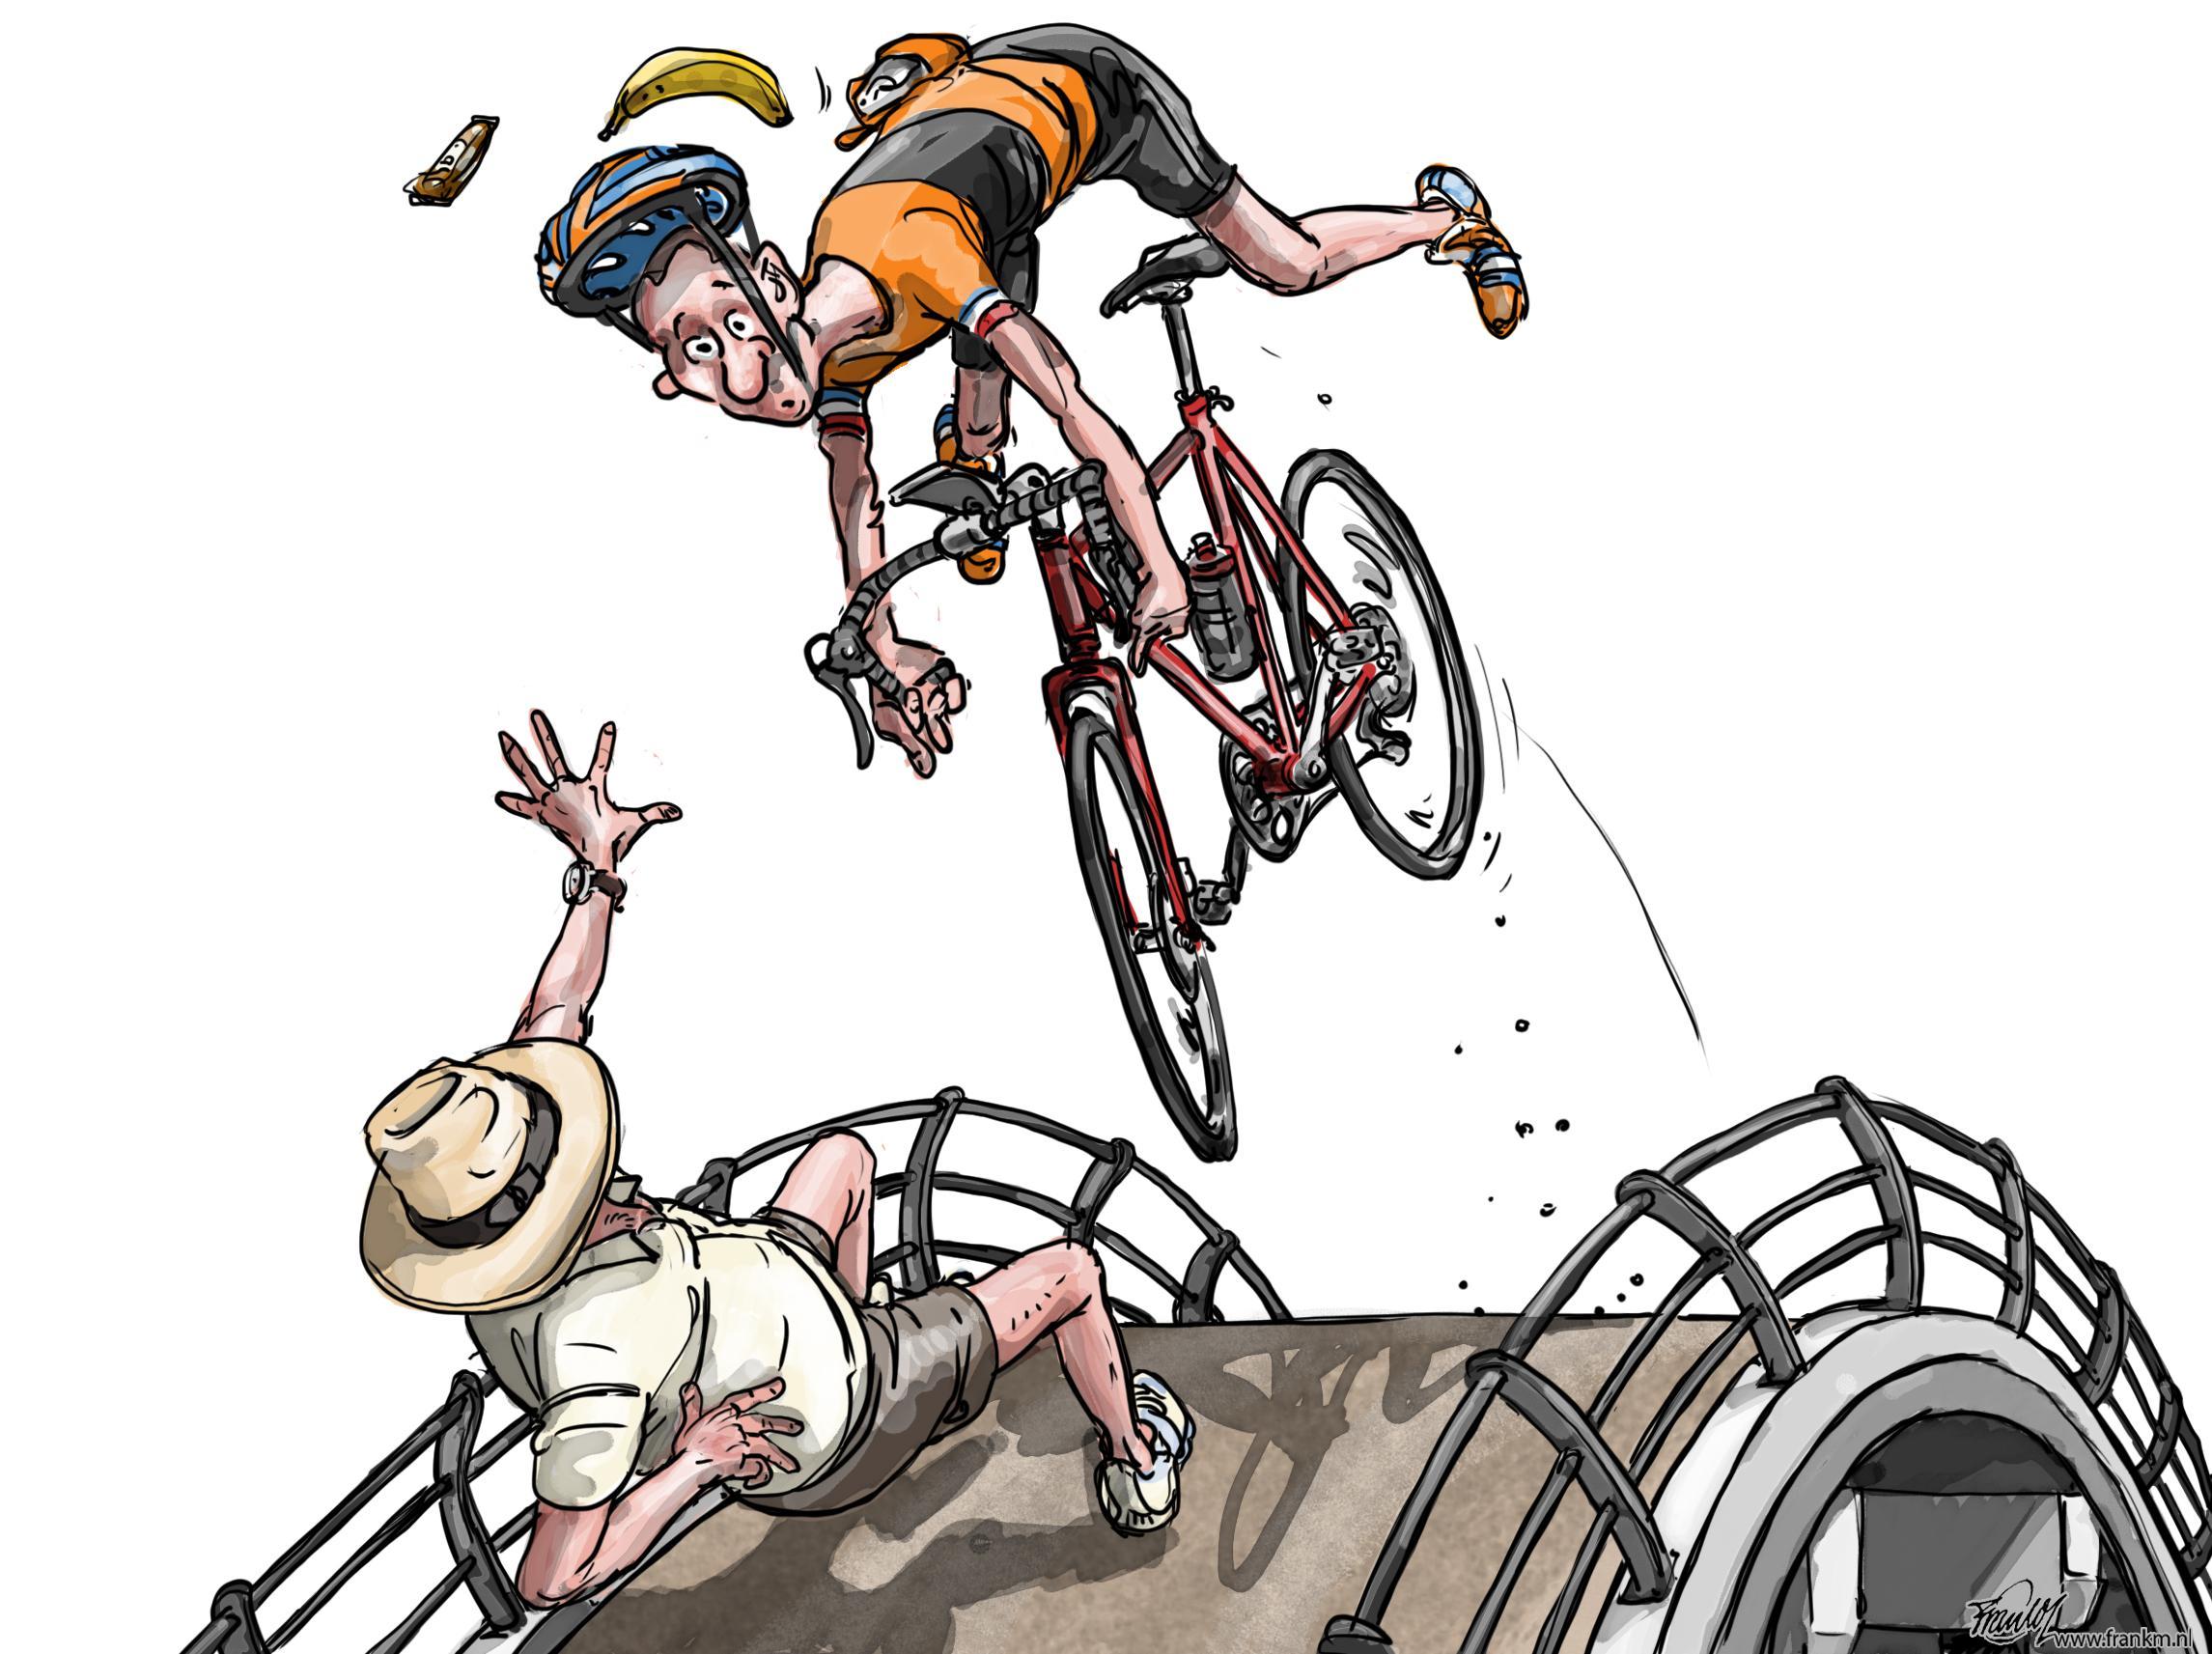 Teleurstelling onder wielrenners; geen colletje in de derde categorie beklimmen in Vreeland; gemeente sluit gevaarlijk steile brug af | Muntjewerf